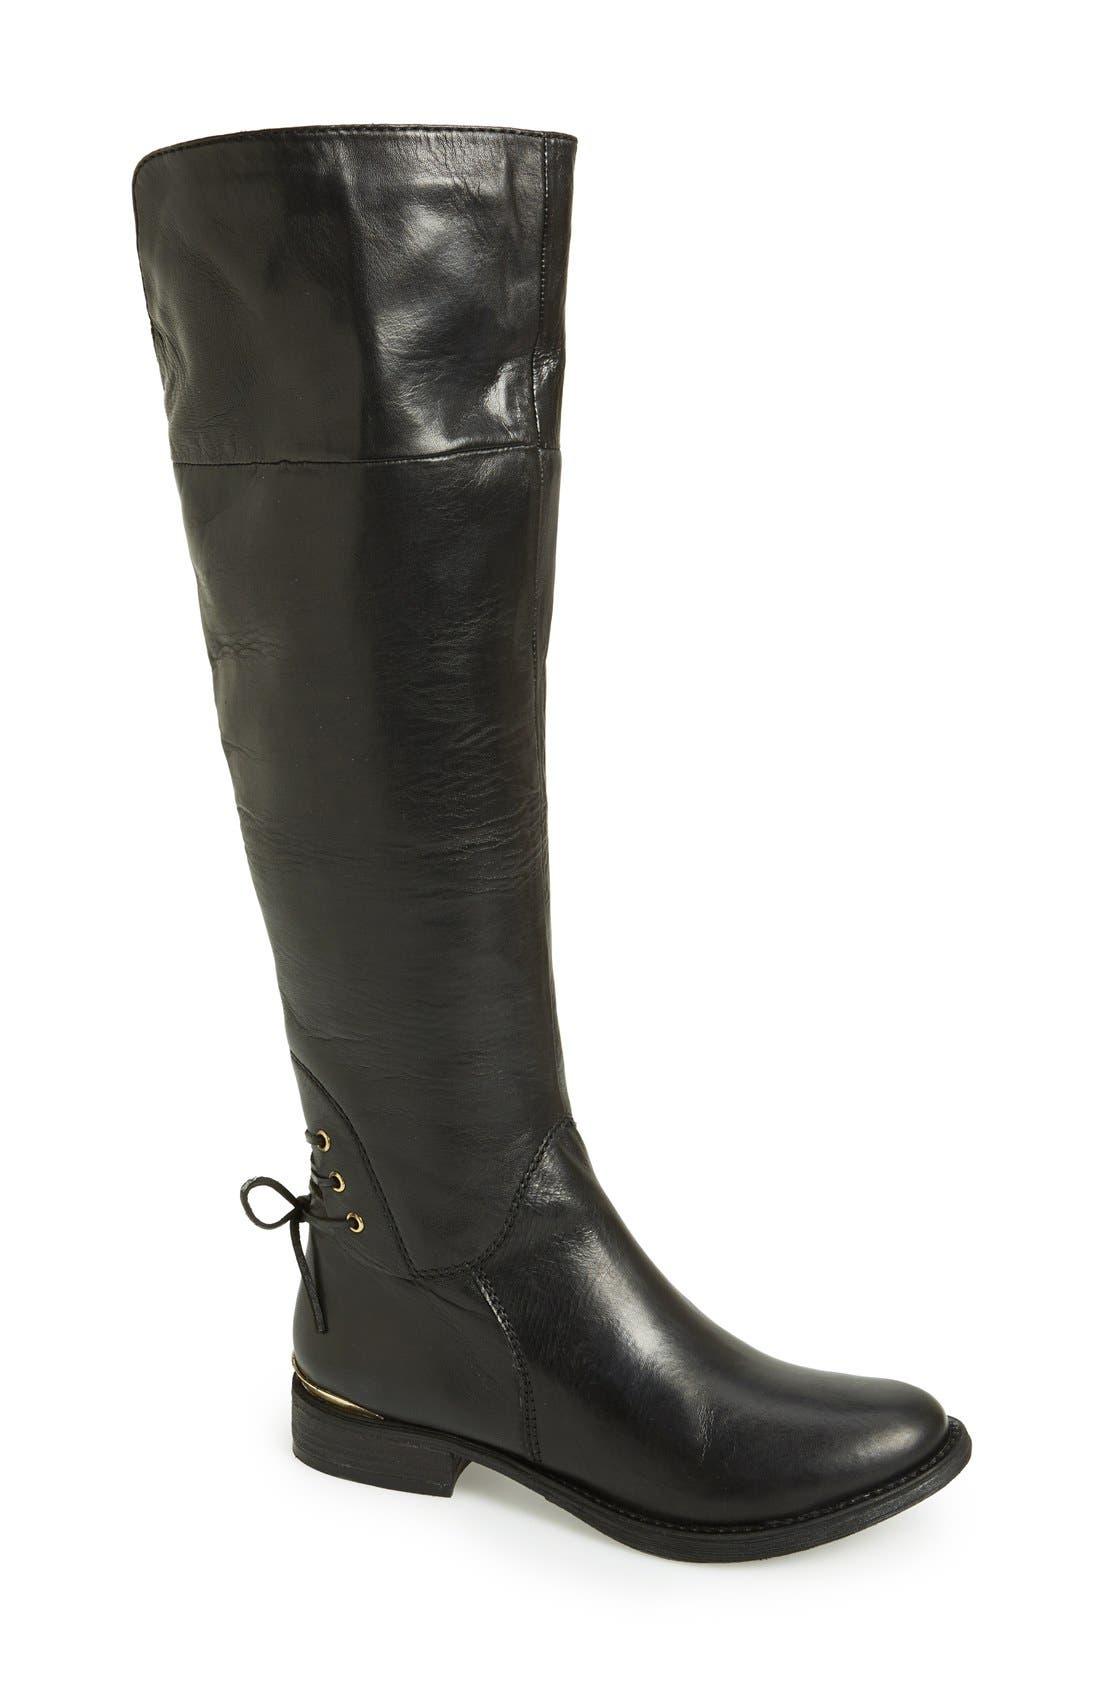 Main Image - Steve Madden 'Nerves' Over the Knee Leather Boot (Women)